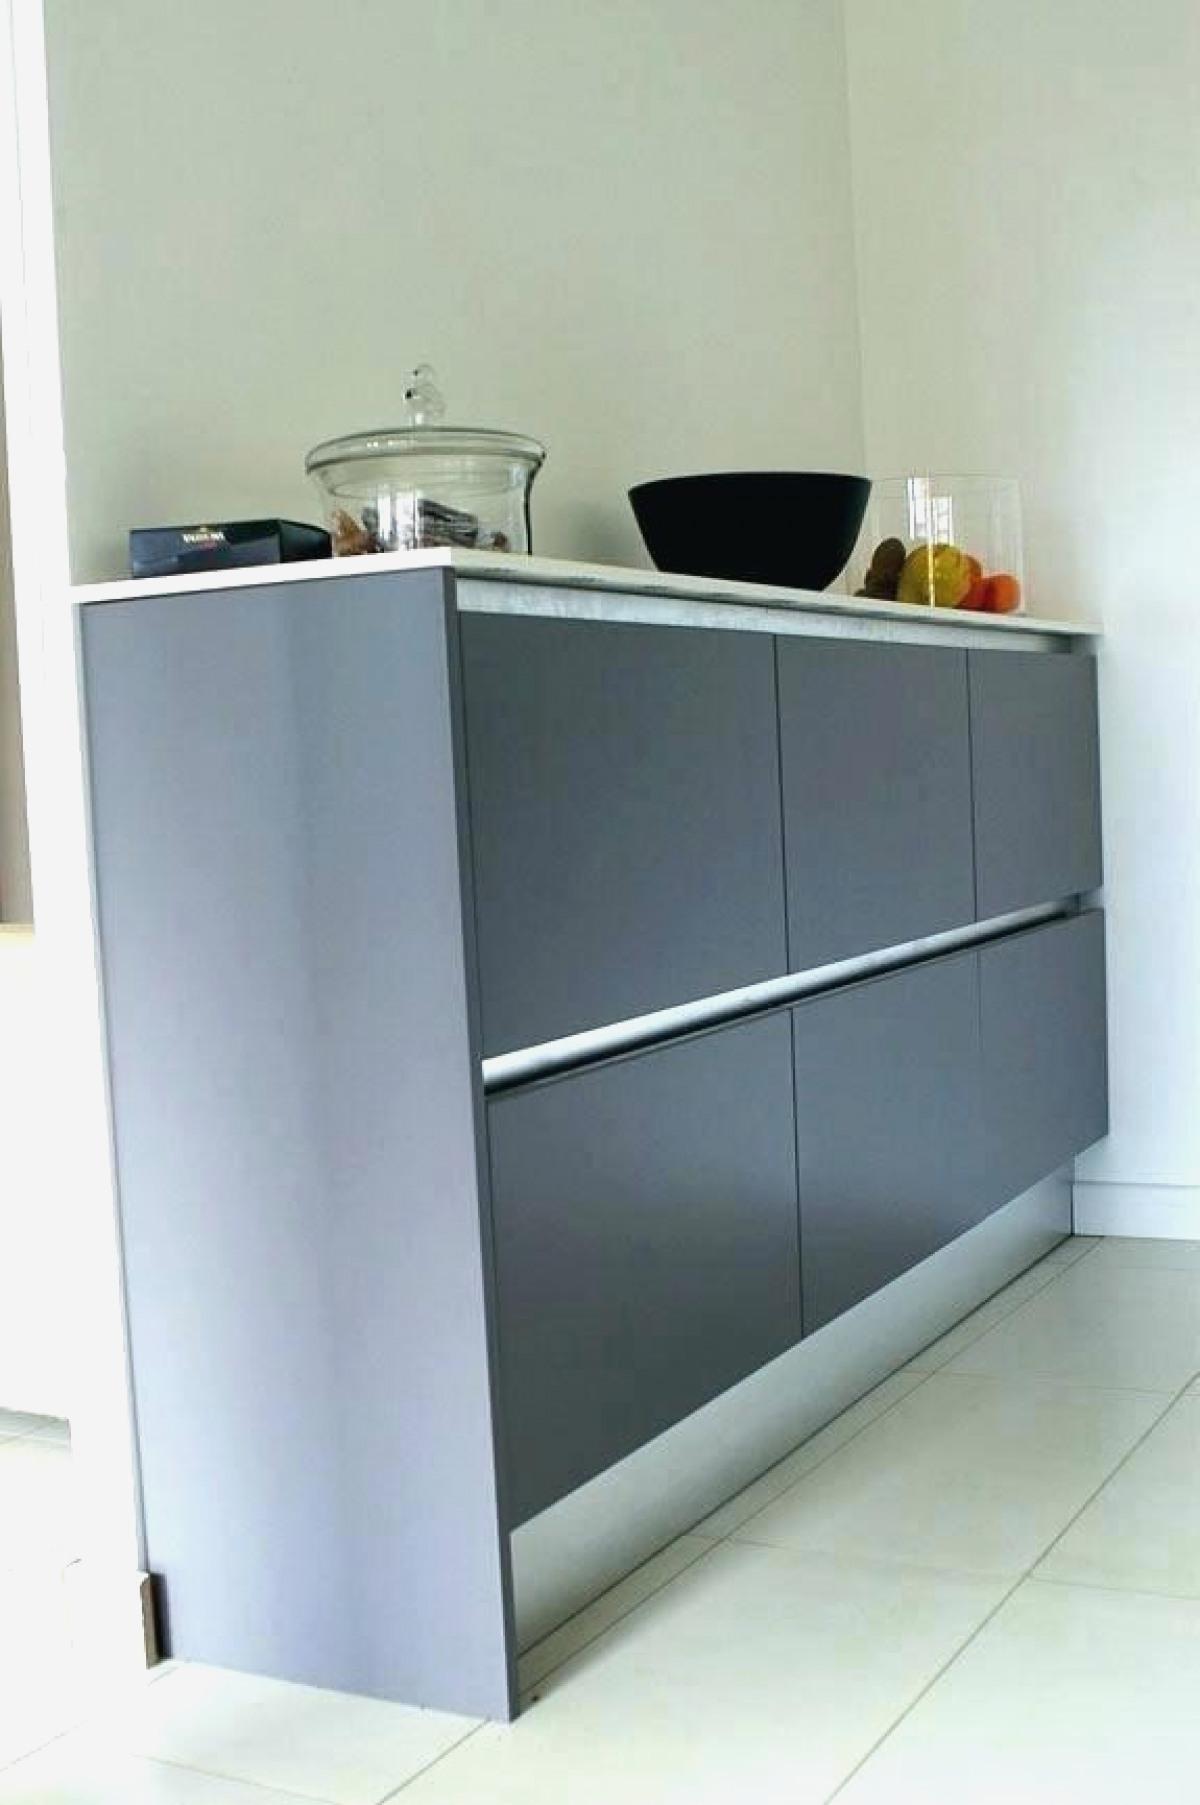 meuble bas cuisine ikea profondeur 40 id e pour cuisine. Black Bedroom Furniture Sets. Home Design Ideas